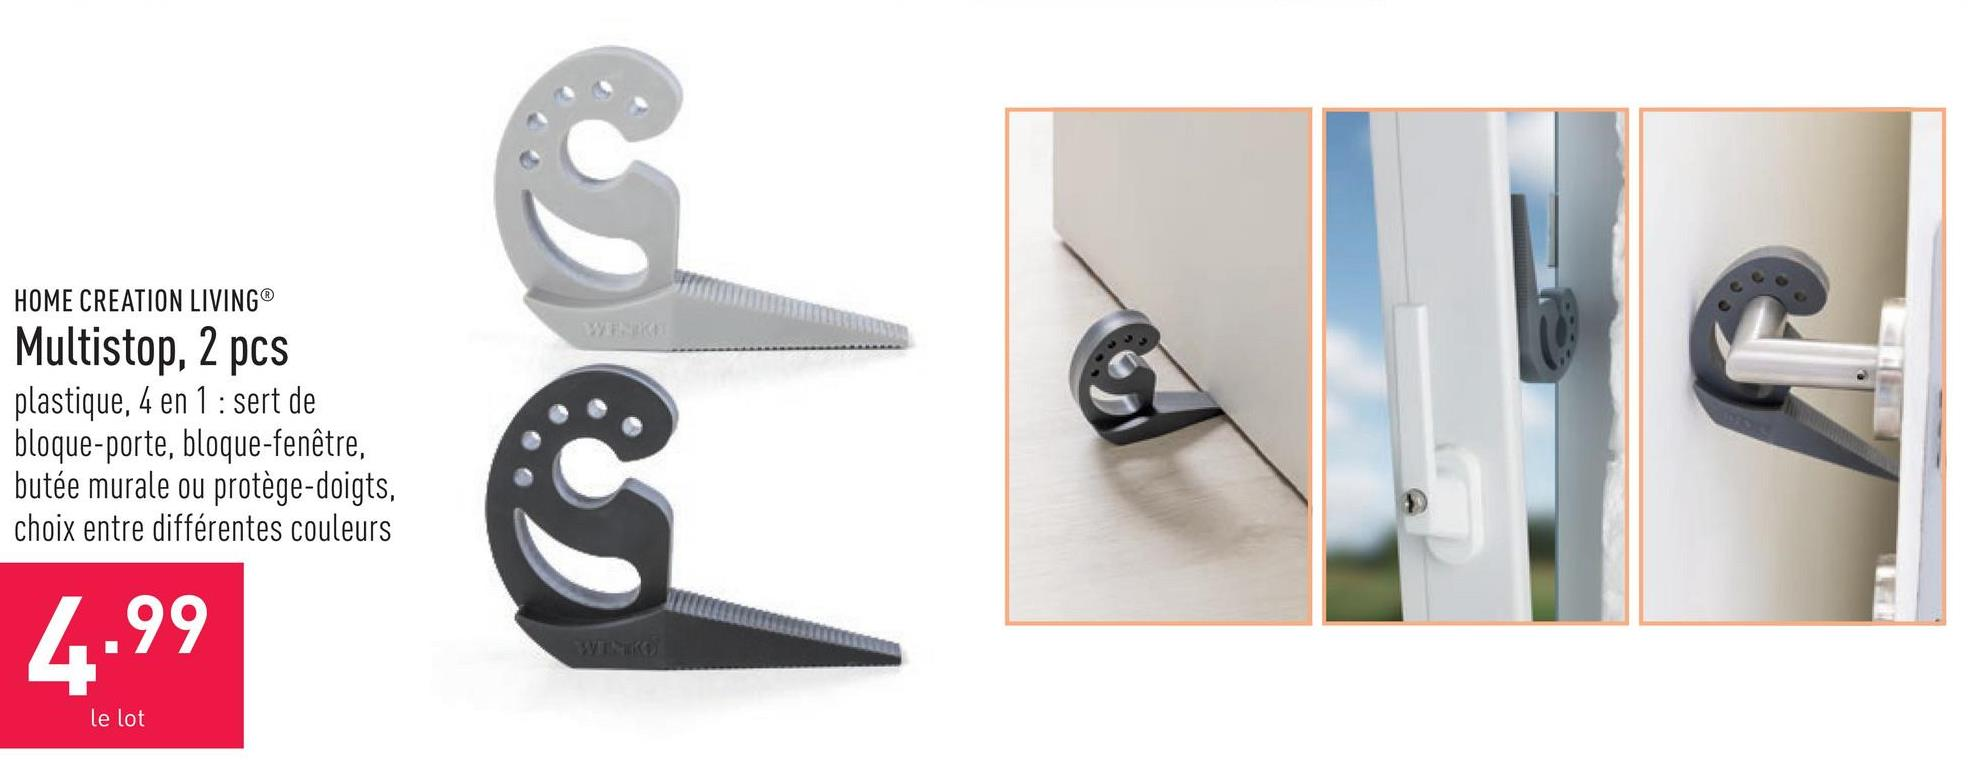 Multistop, 2 pcs plastique, 4 en 1 : sert de bloque-porte, bloque-fenêtre, butée murale ou protège-doigts, choix entre différentes couleurs